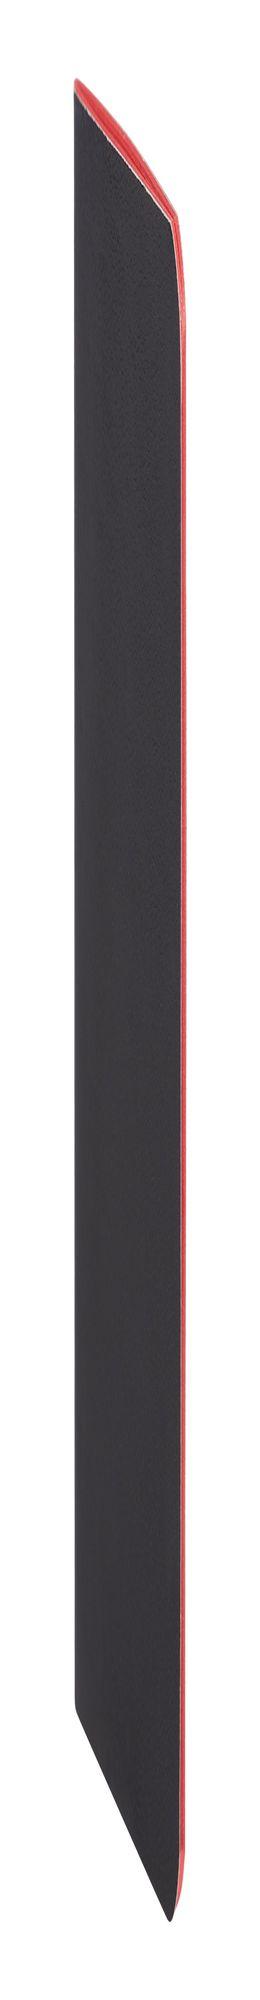 Блокнот Excentrica, черный с красным фото